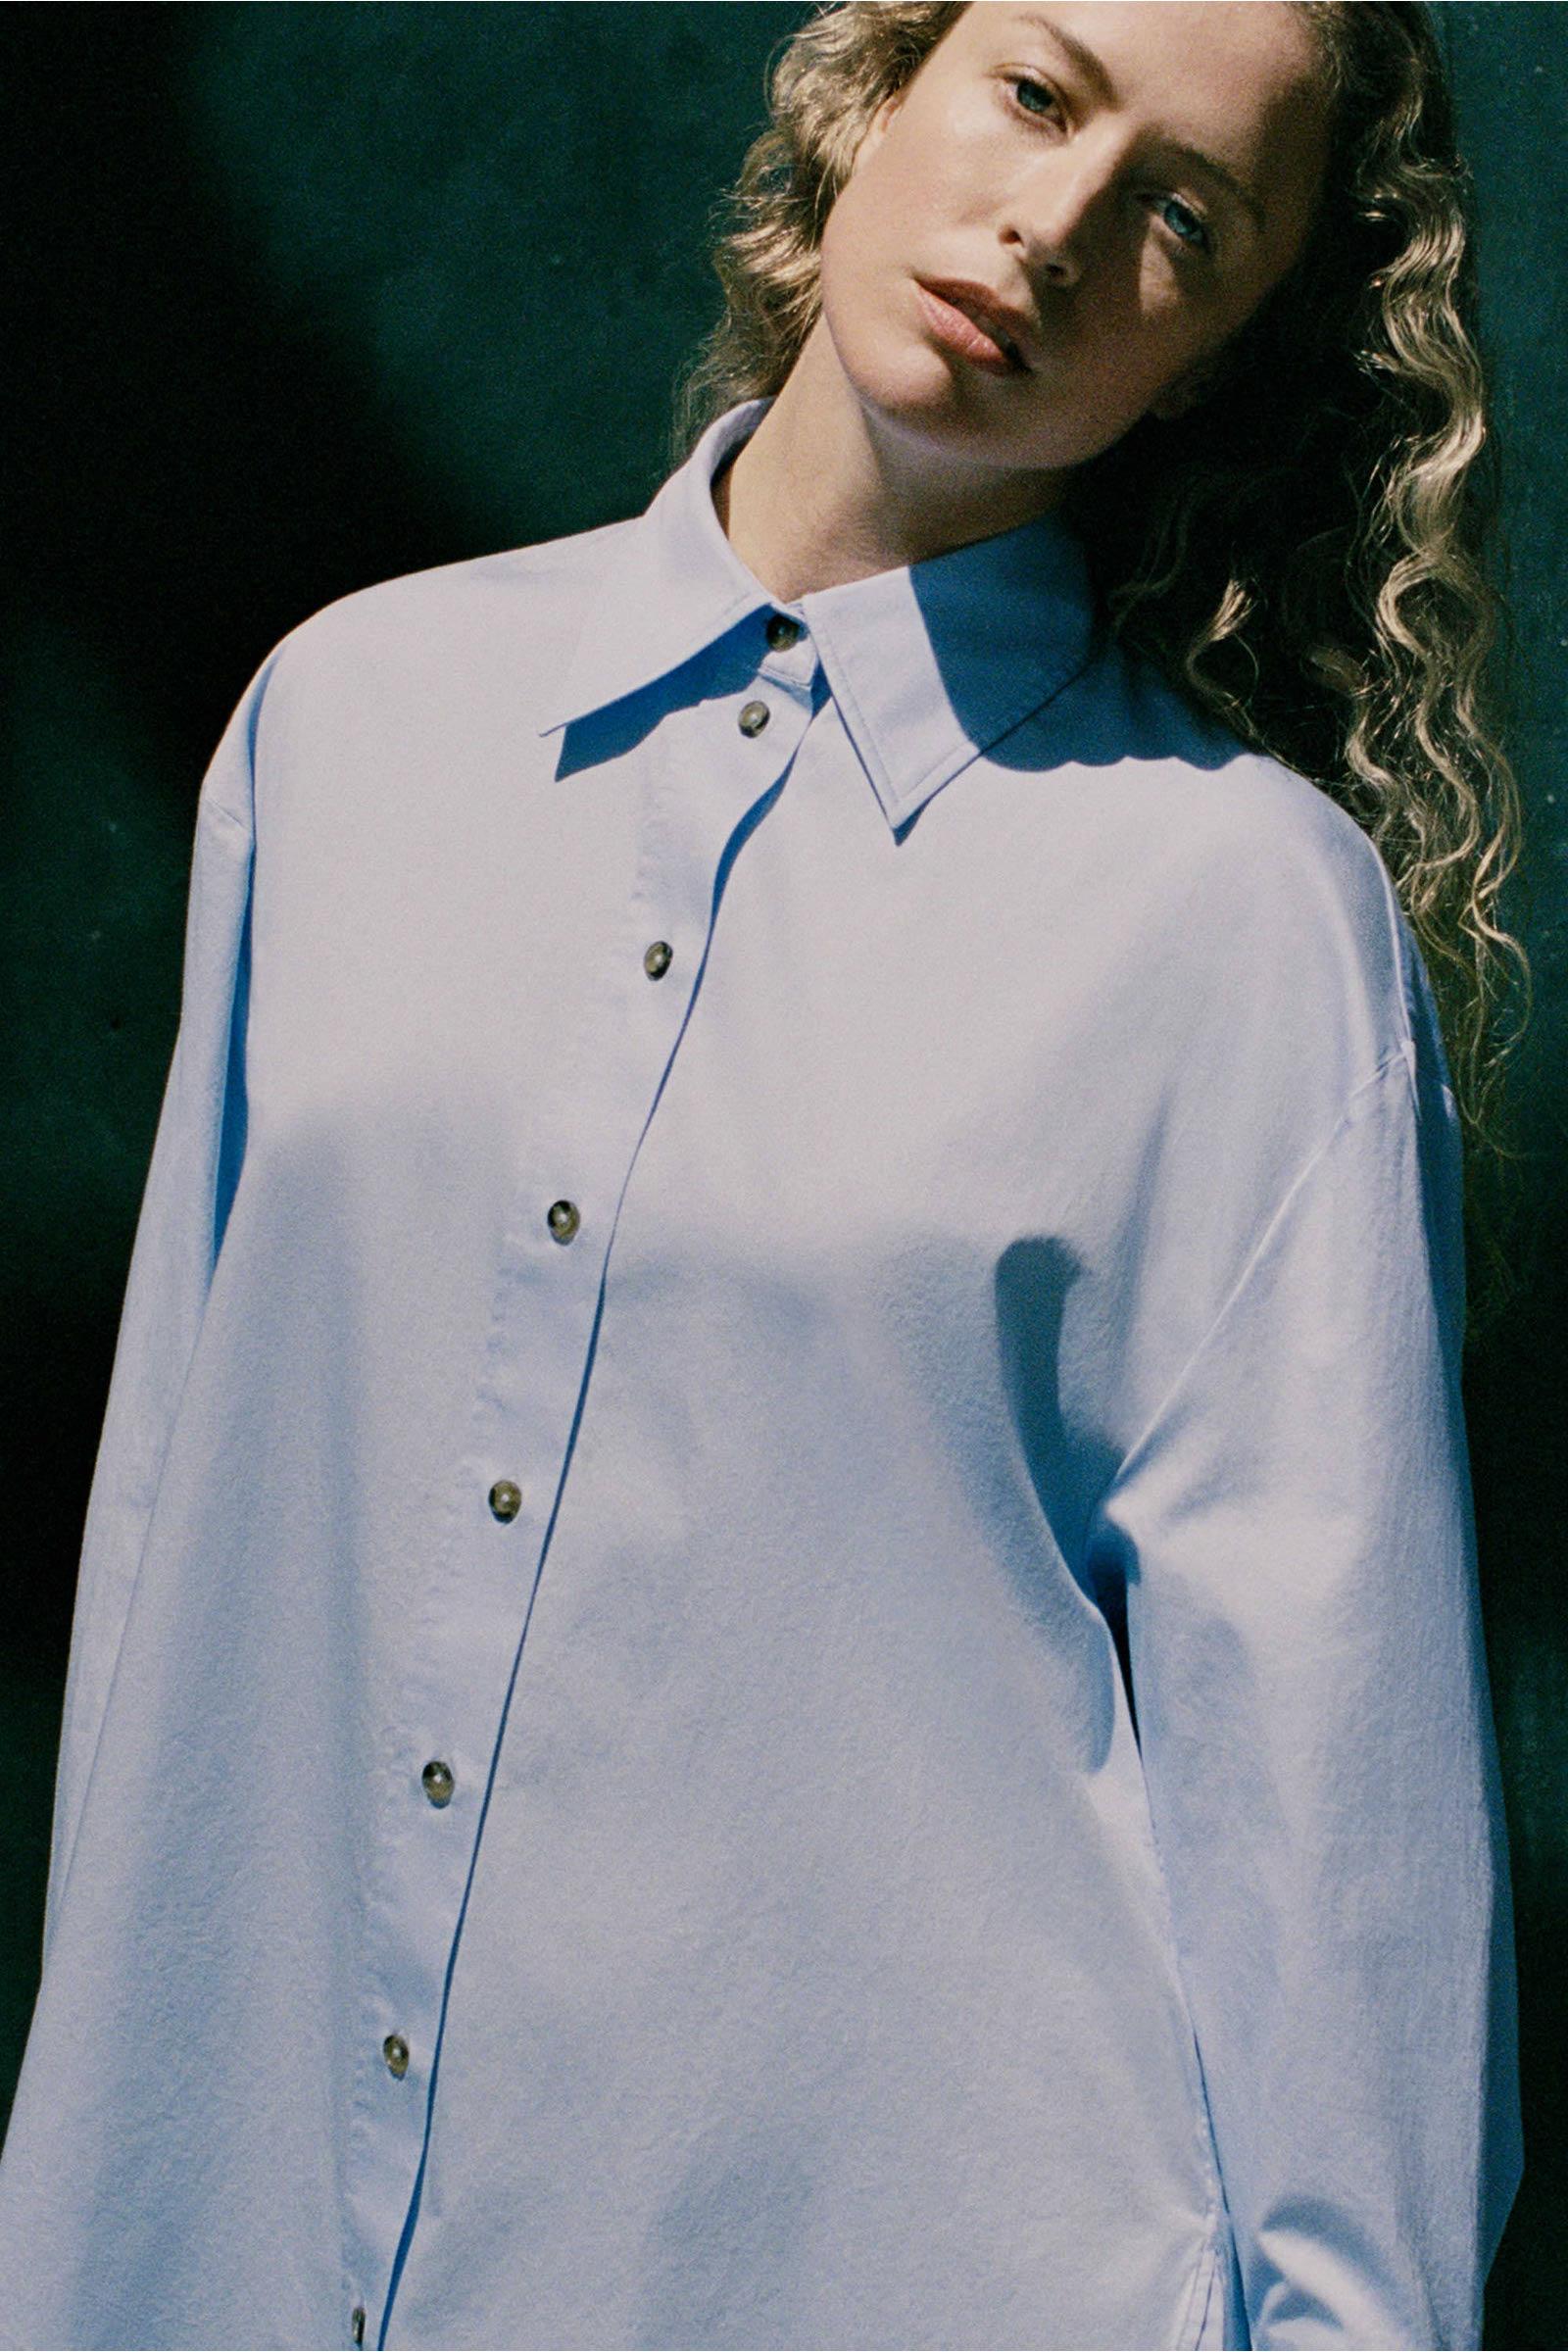 COS 오버사이즈 셔츠 의 라이트 블루컬러 Environmental입니다.